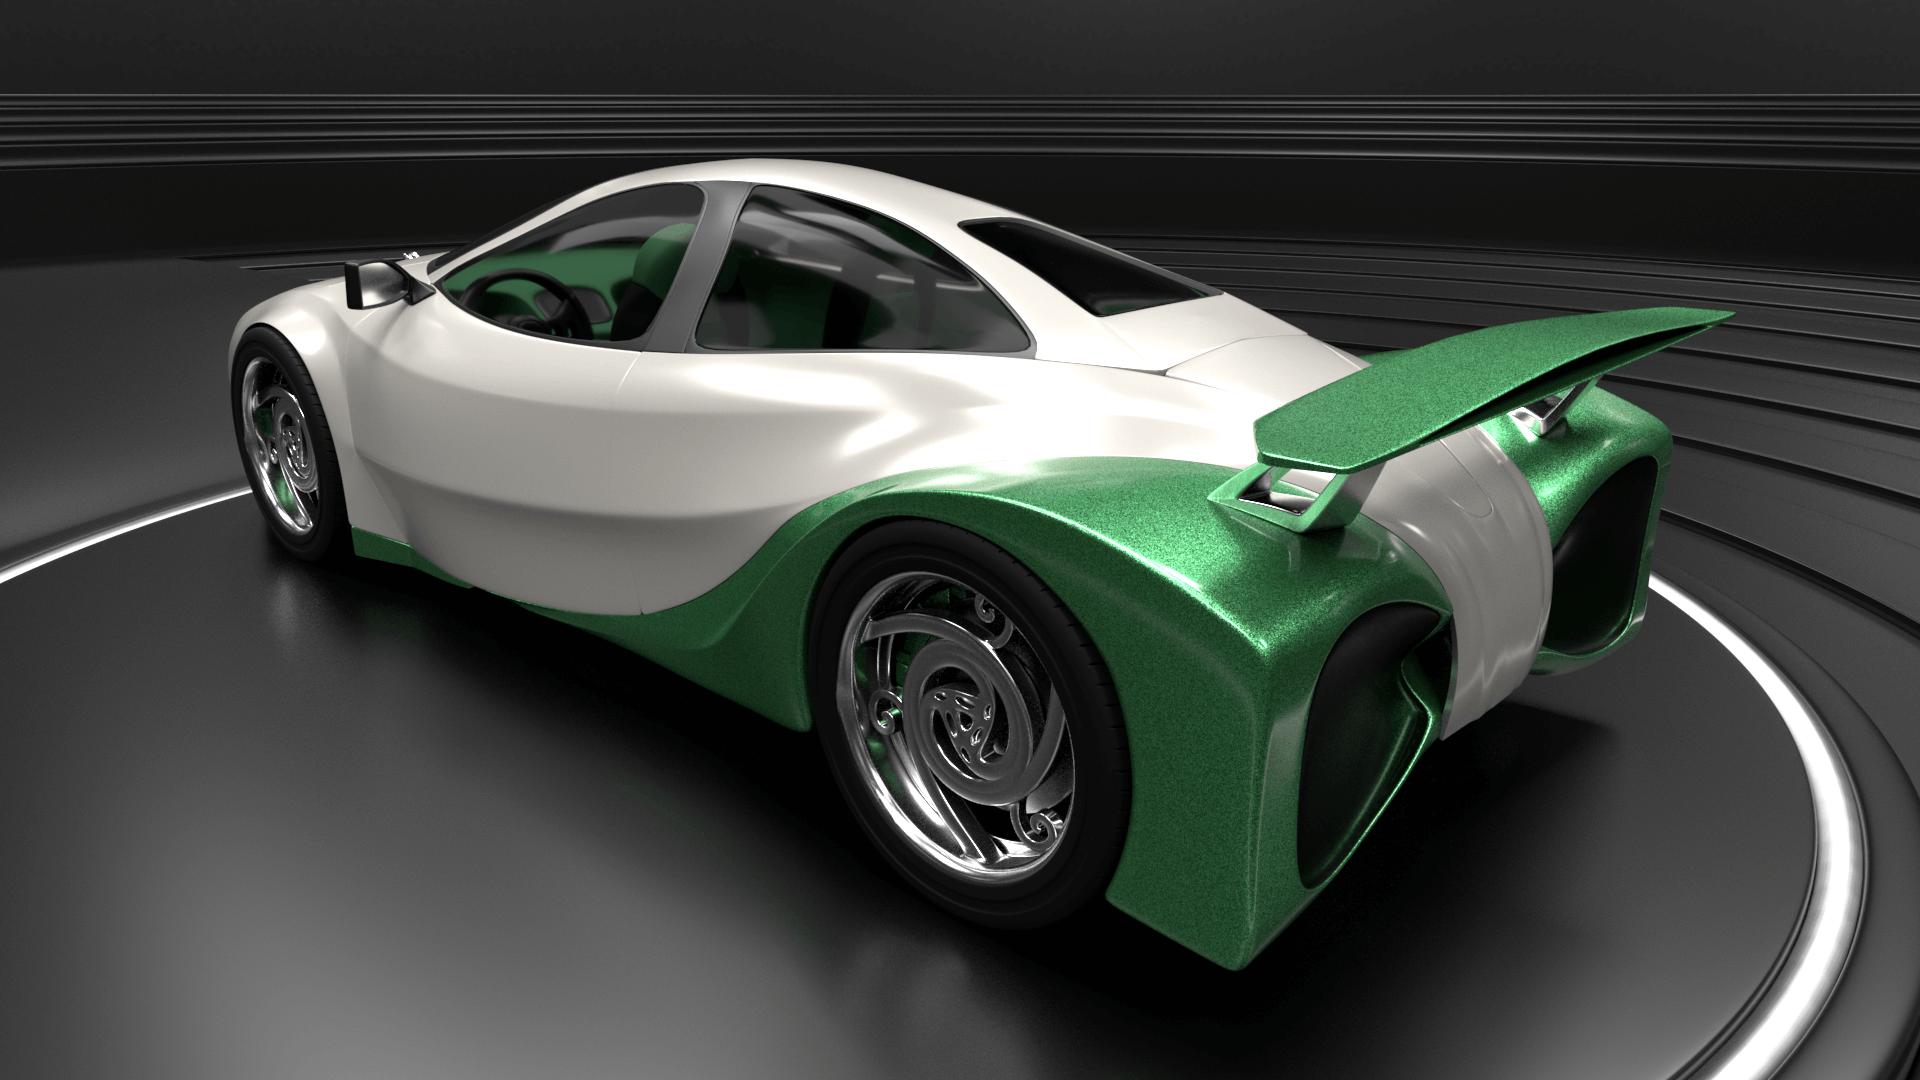 Shrek's Onion Carriage as a supercar 3